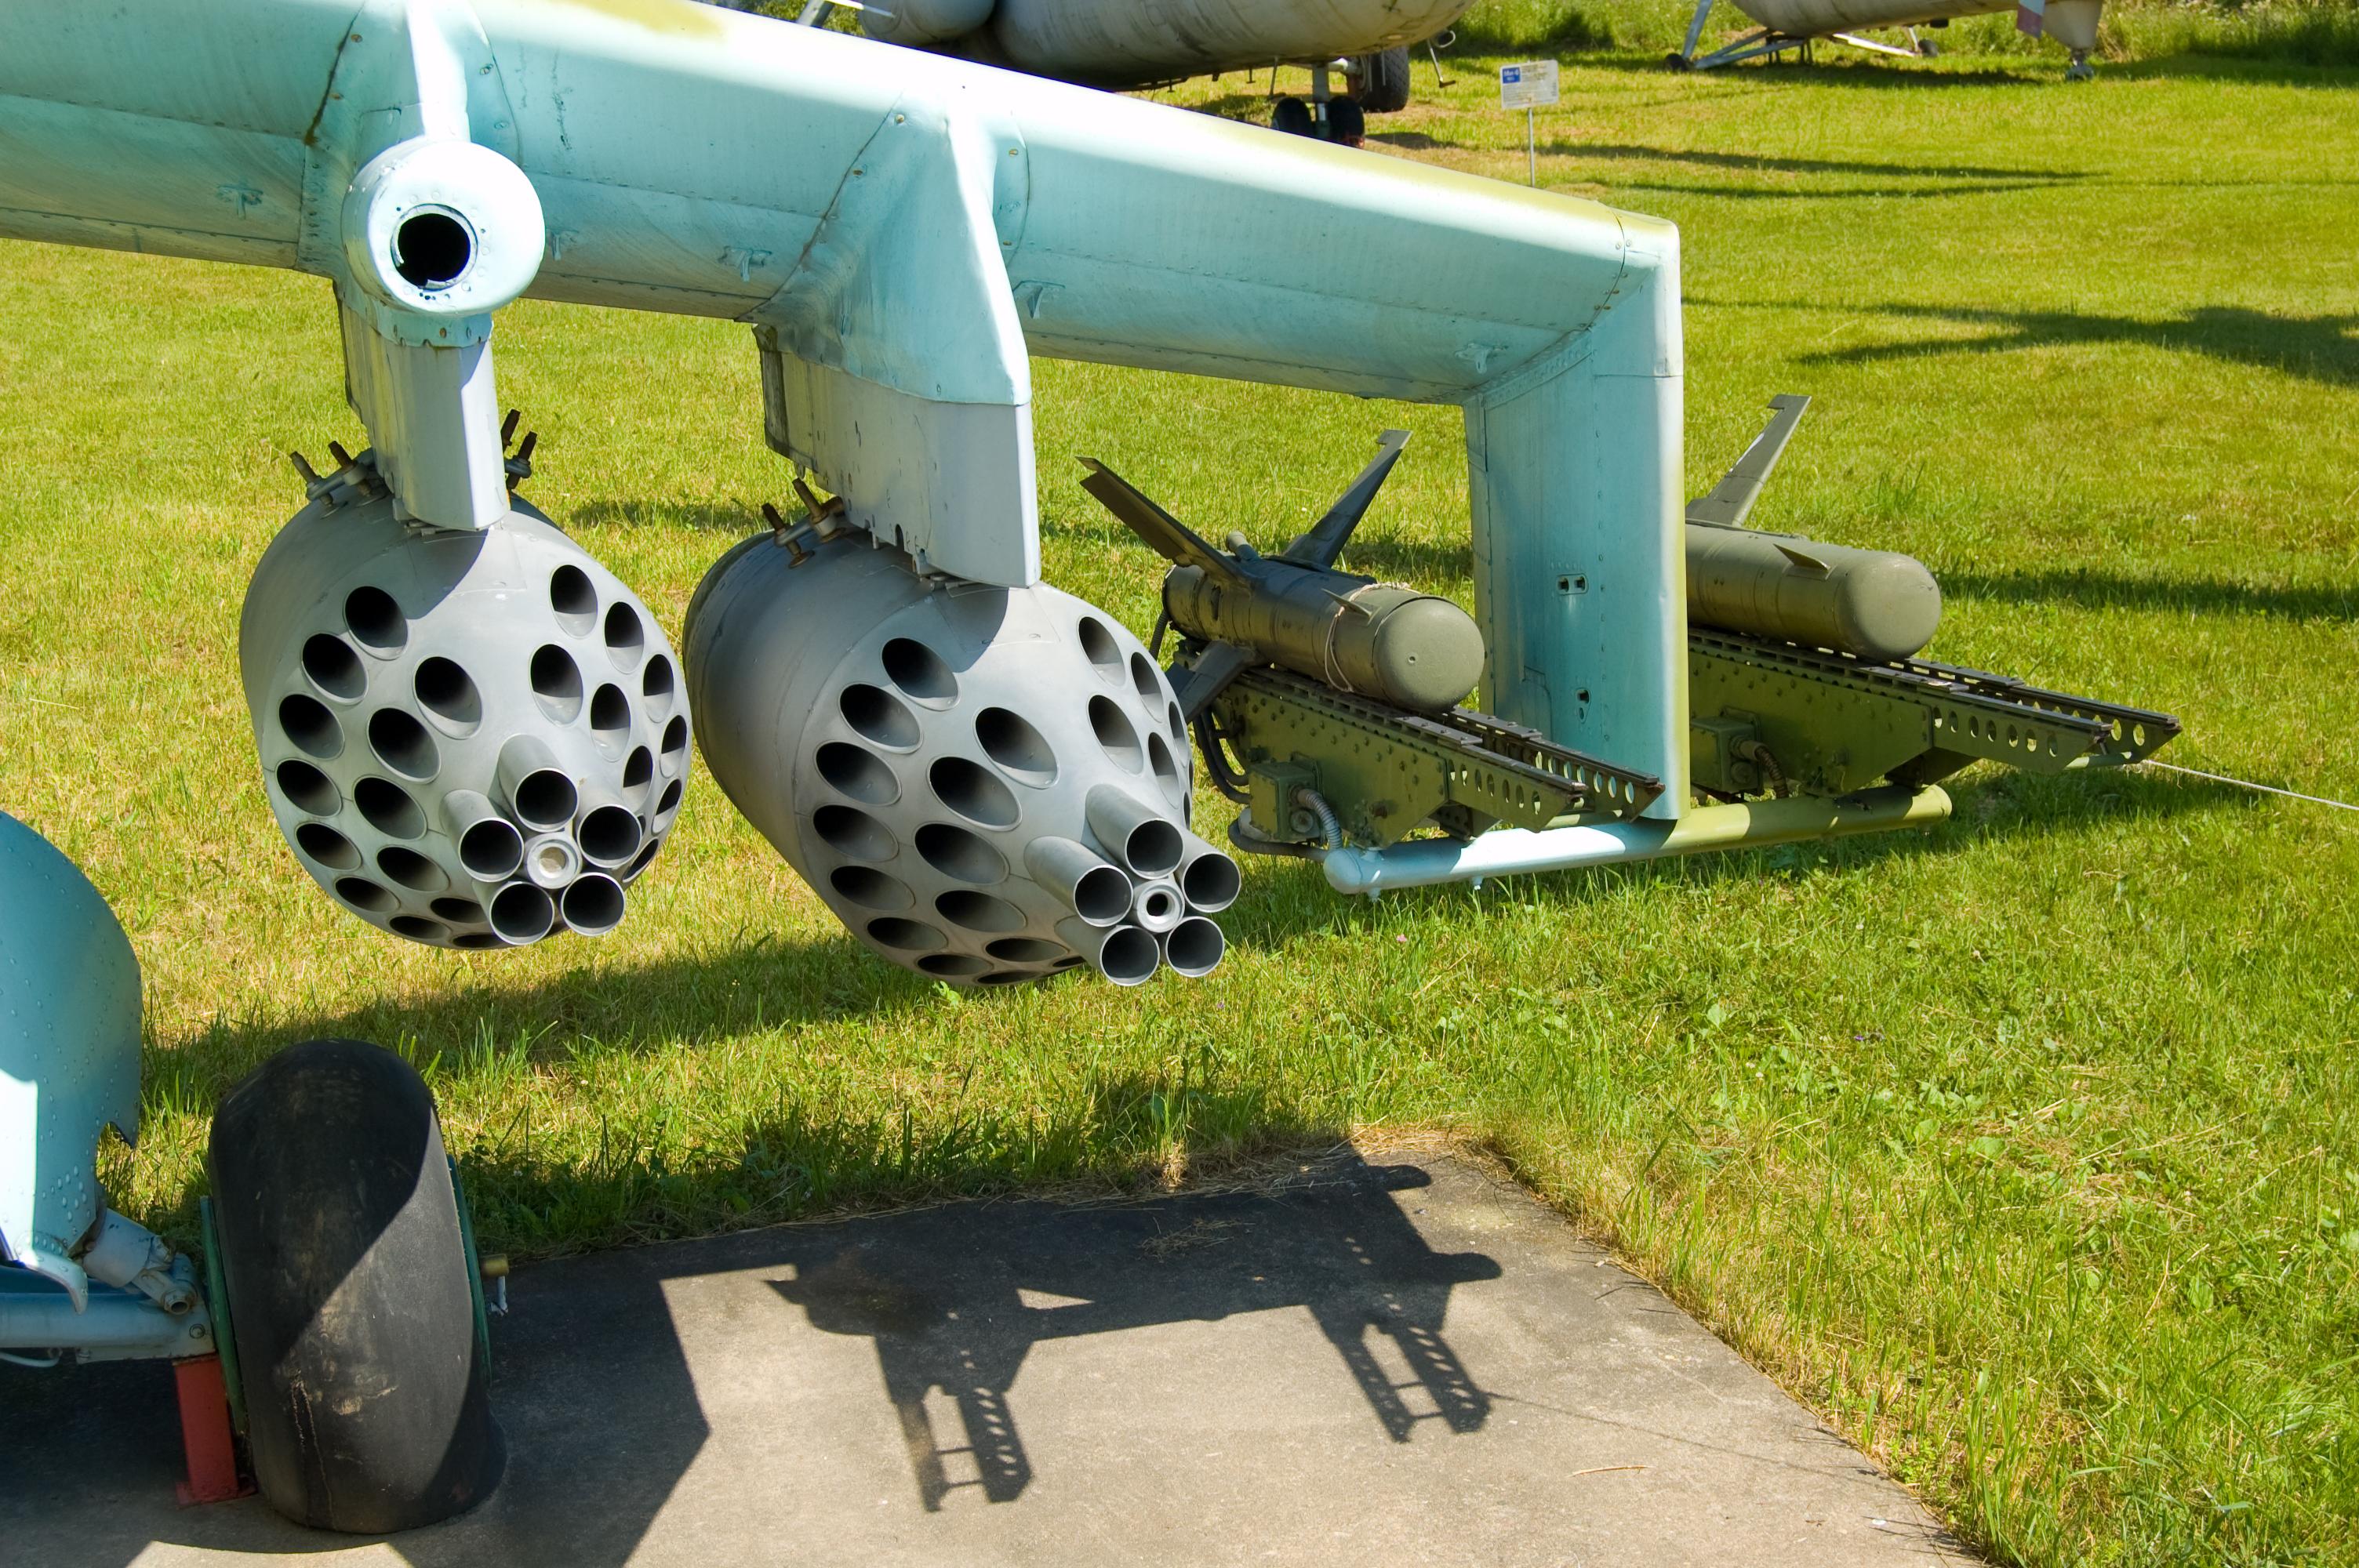 Обои ГШ-30К, ВВС Нигерии, Модернизированный вариант Ми-24, Ми-35П, Ударный вертолёт, экспортный вариант Ми-24П. Авиация foto 16